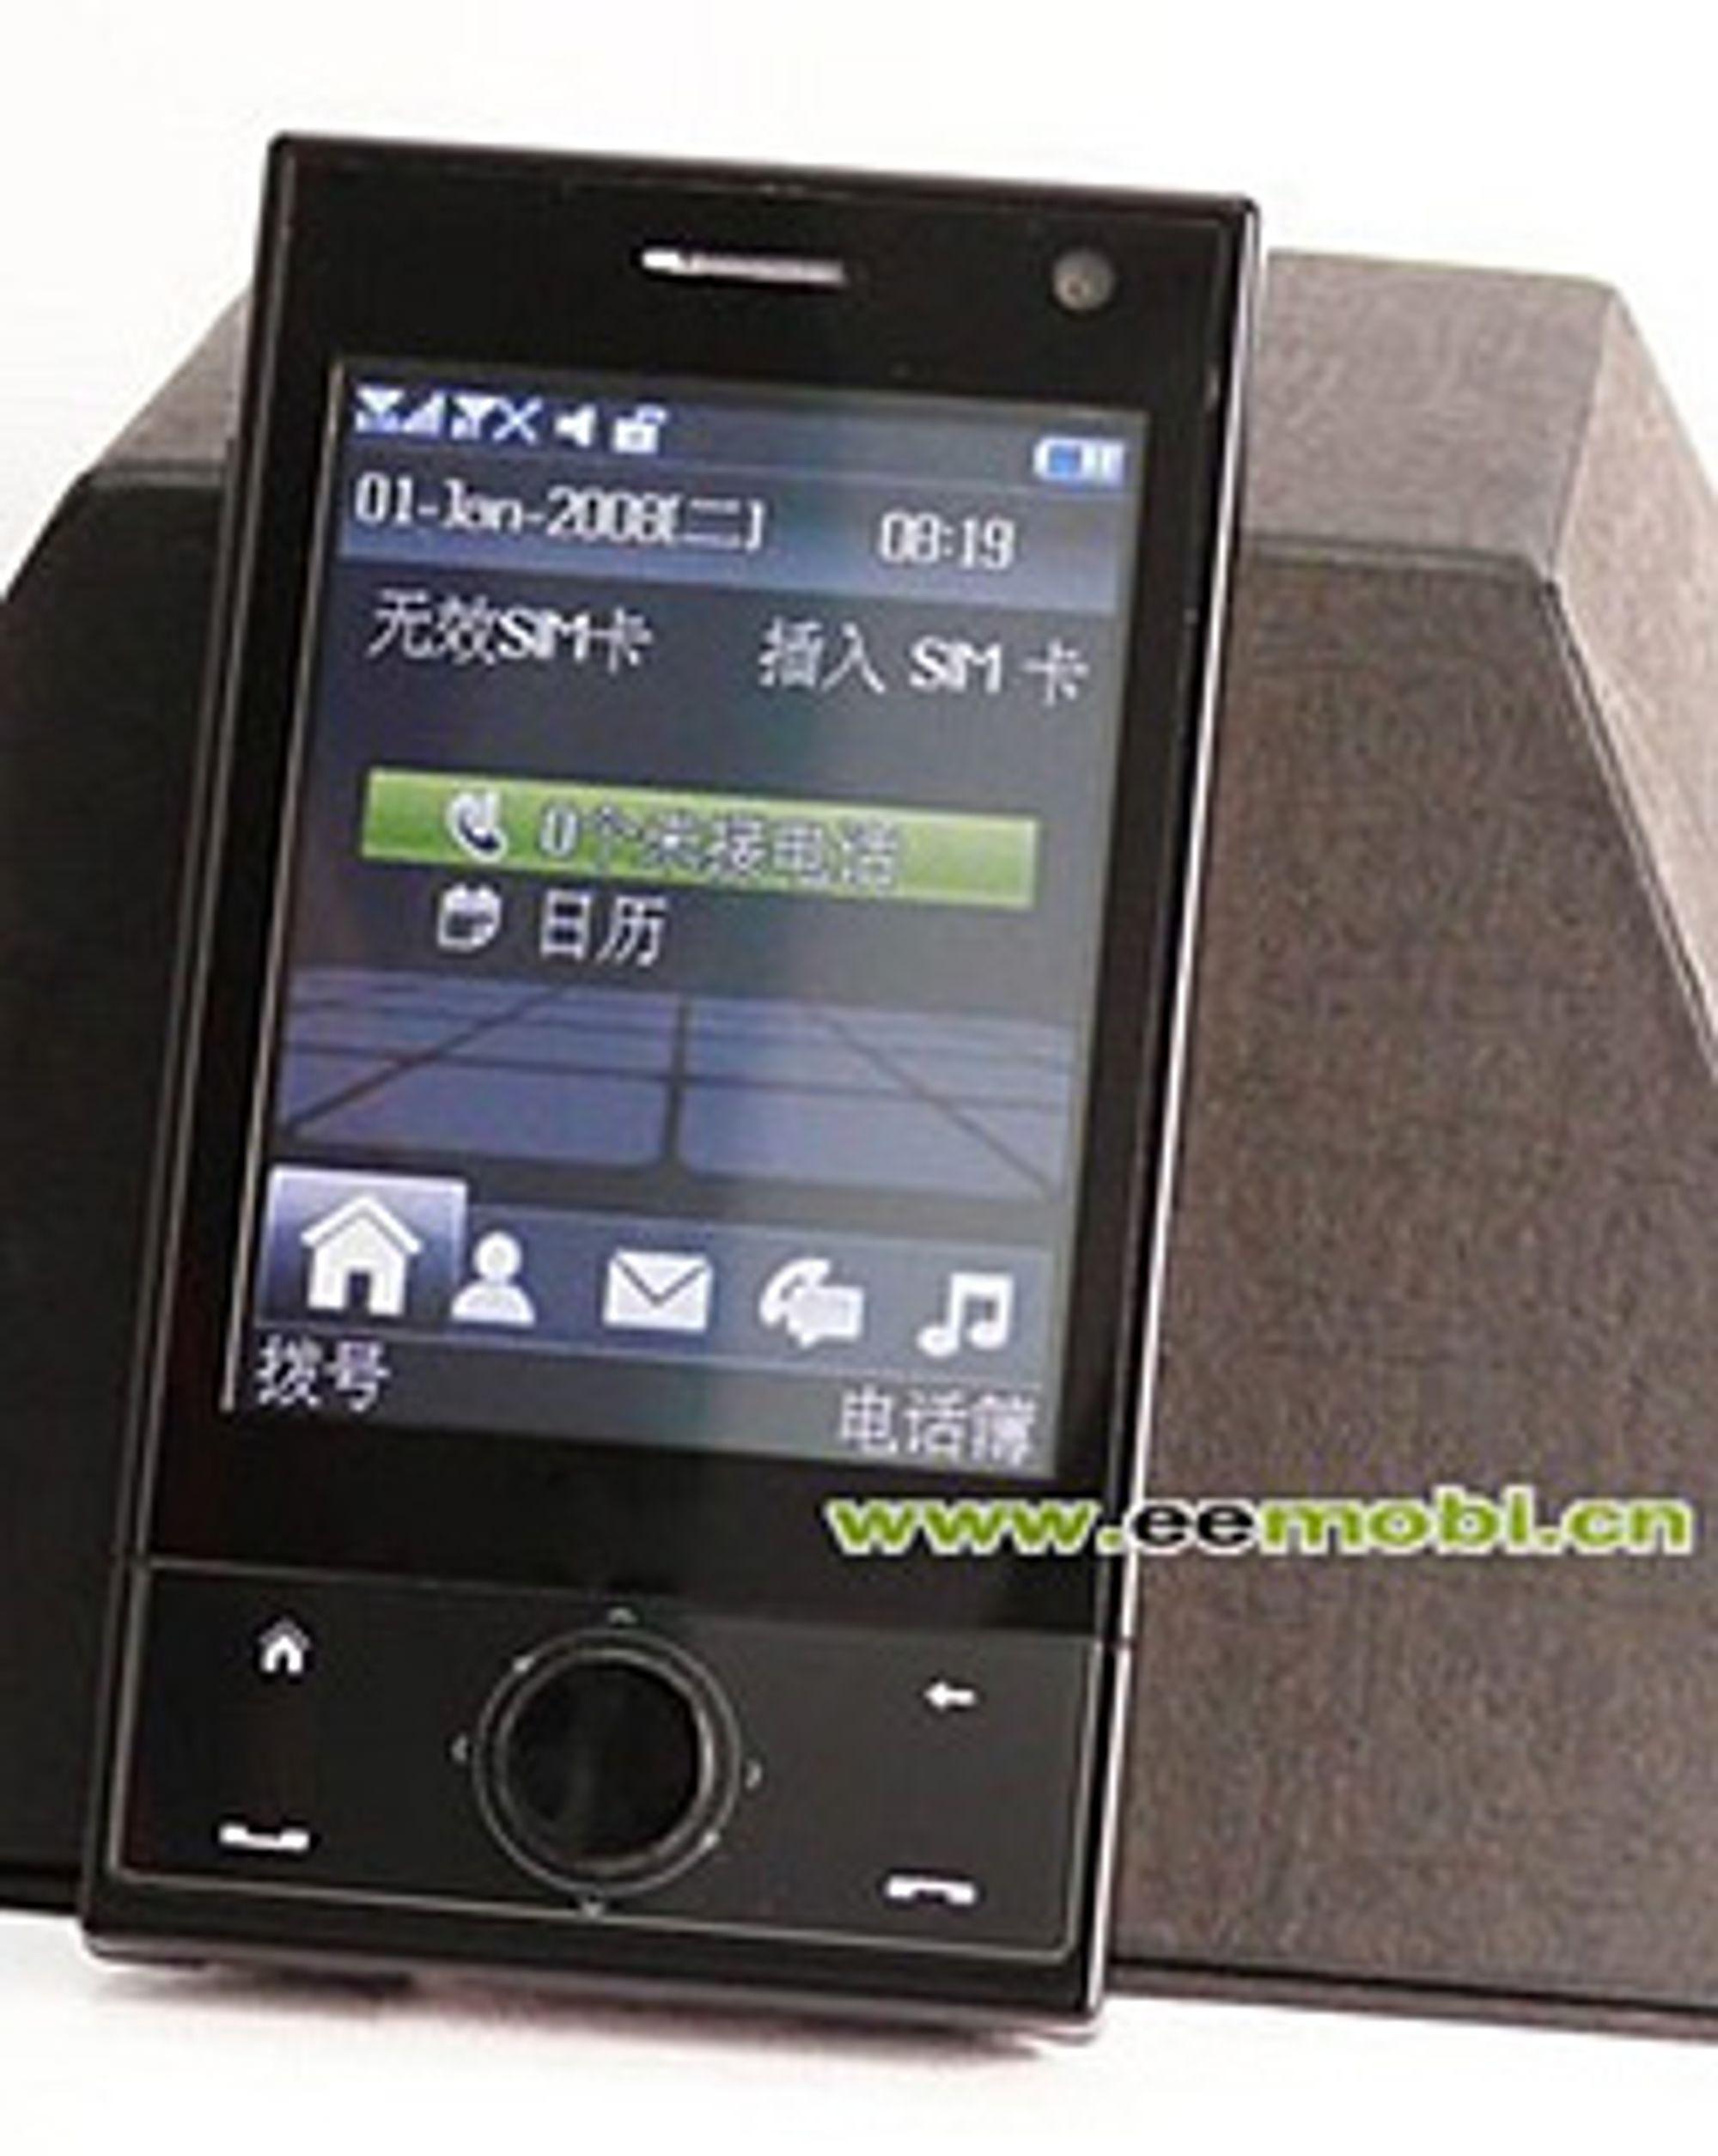 Slik ser den kinesiske kopien av Touch Diamond ut. (Foto: Itech News Net)